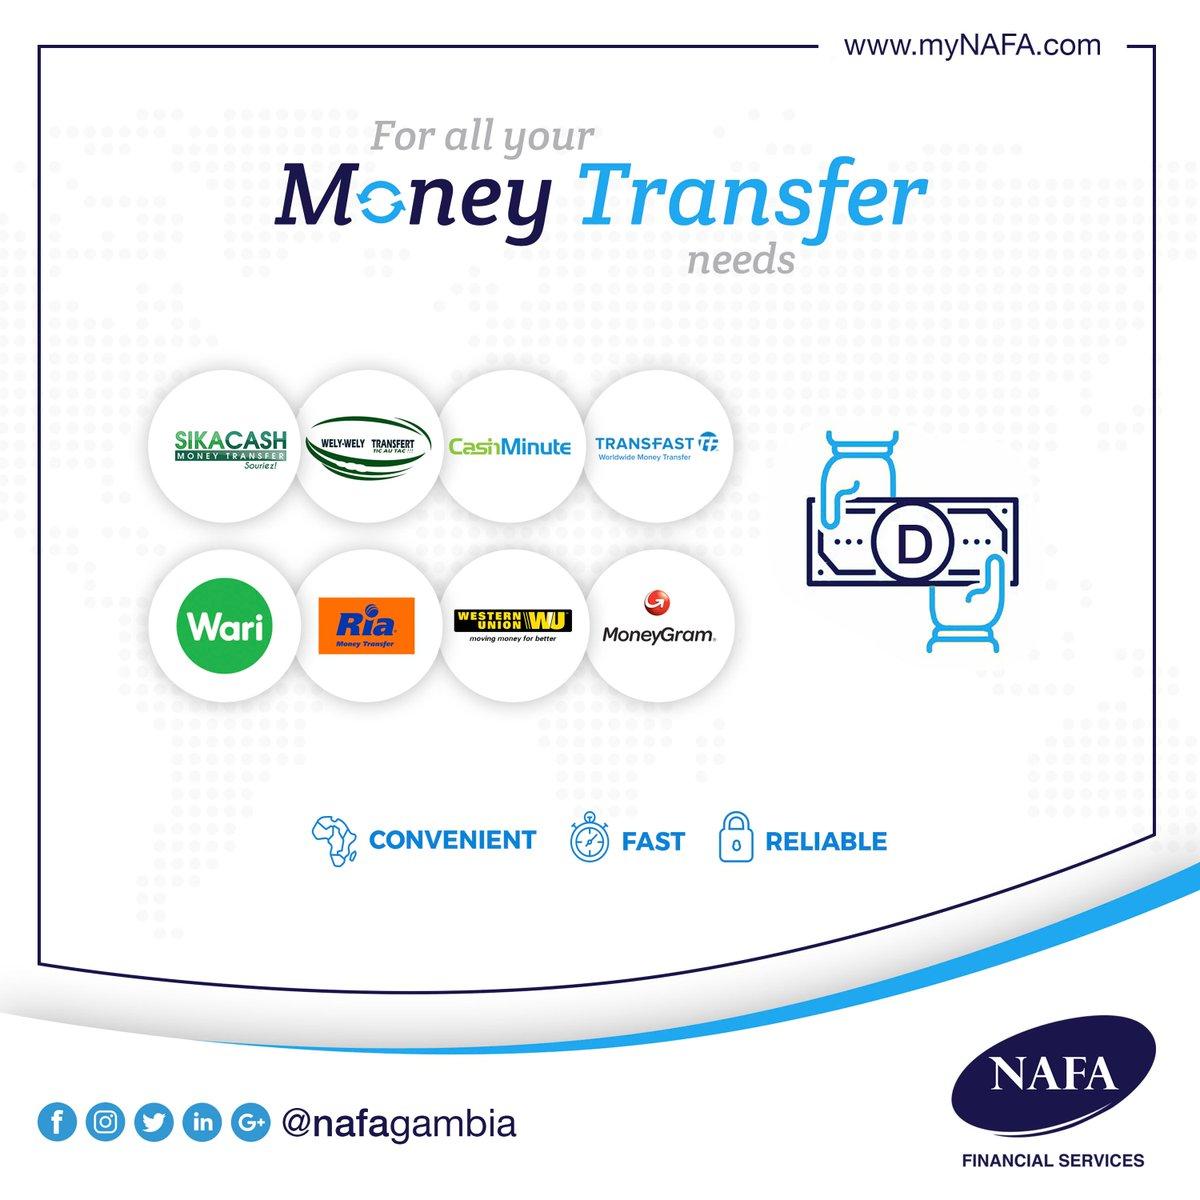 Nafa Financial Services